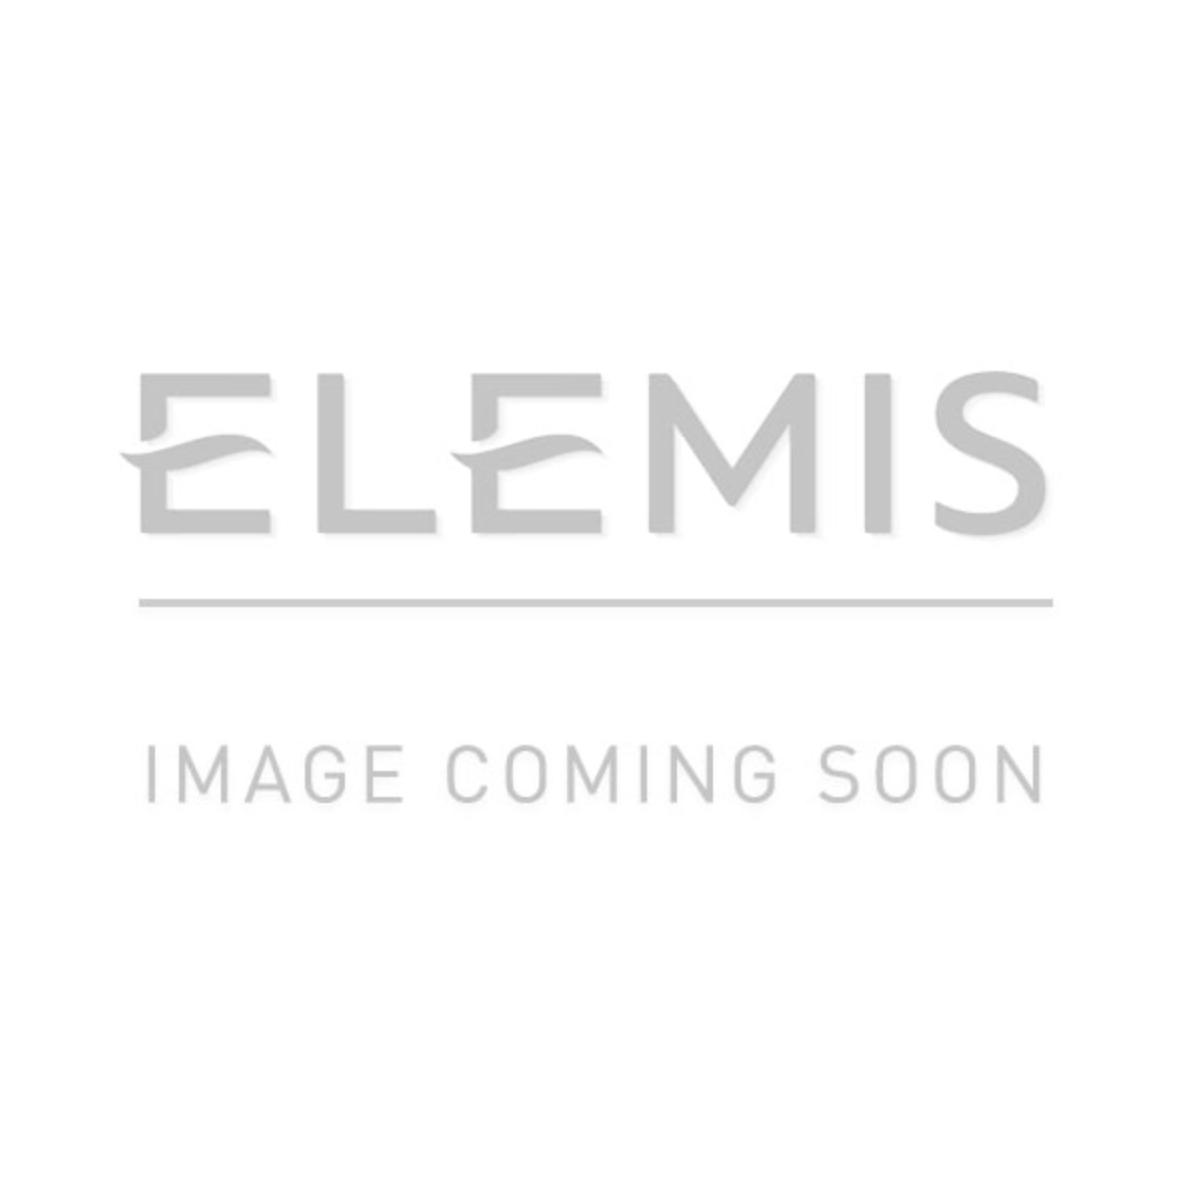 Elemis Travel Size Uk